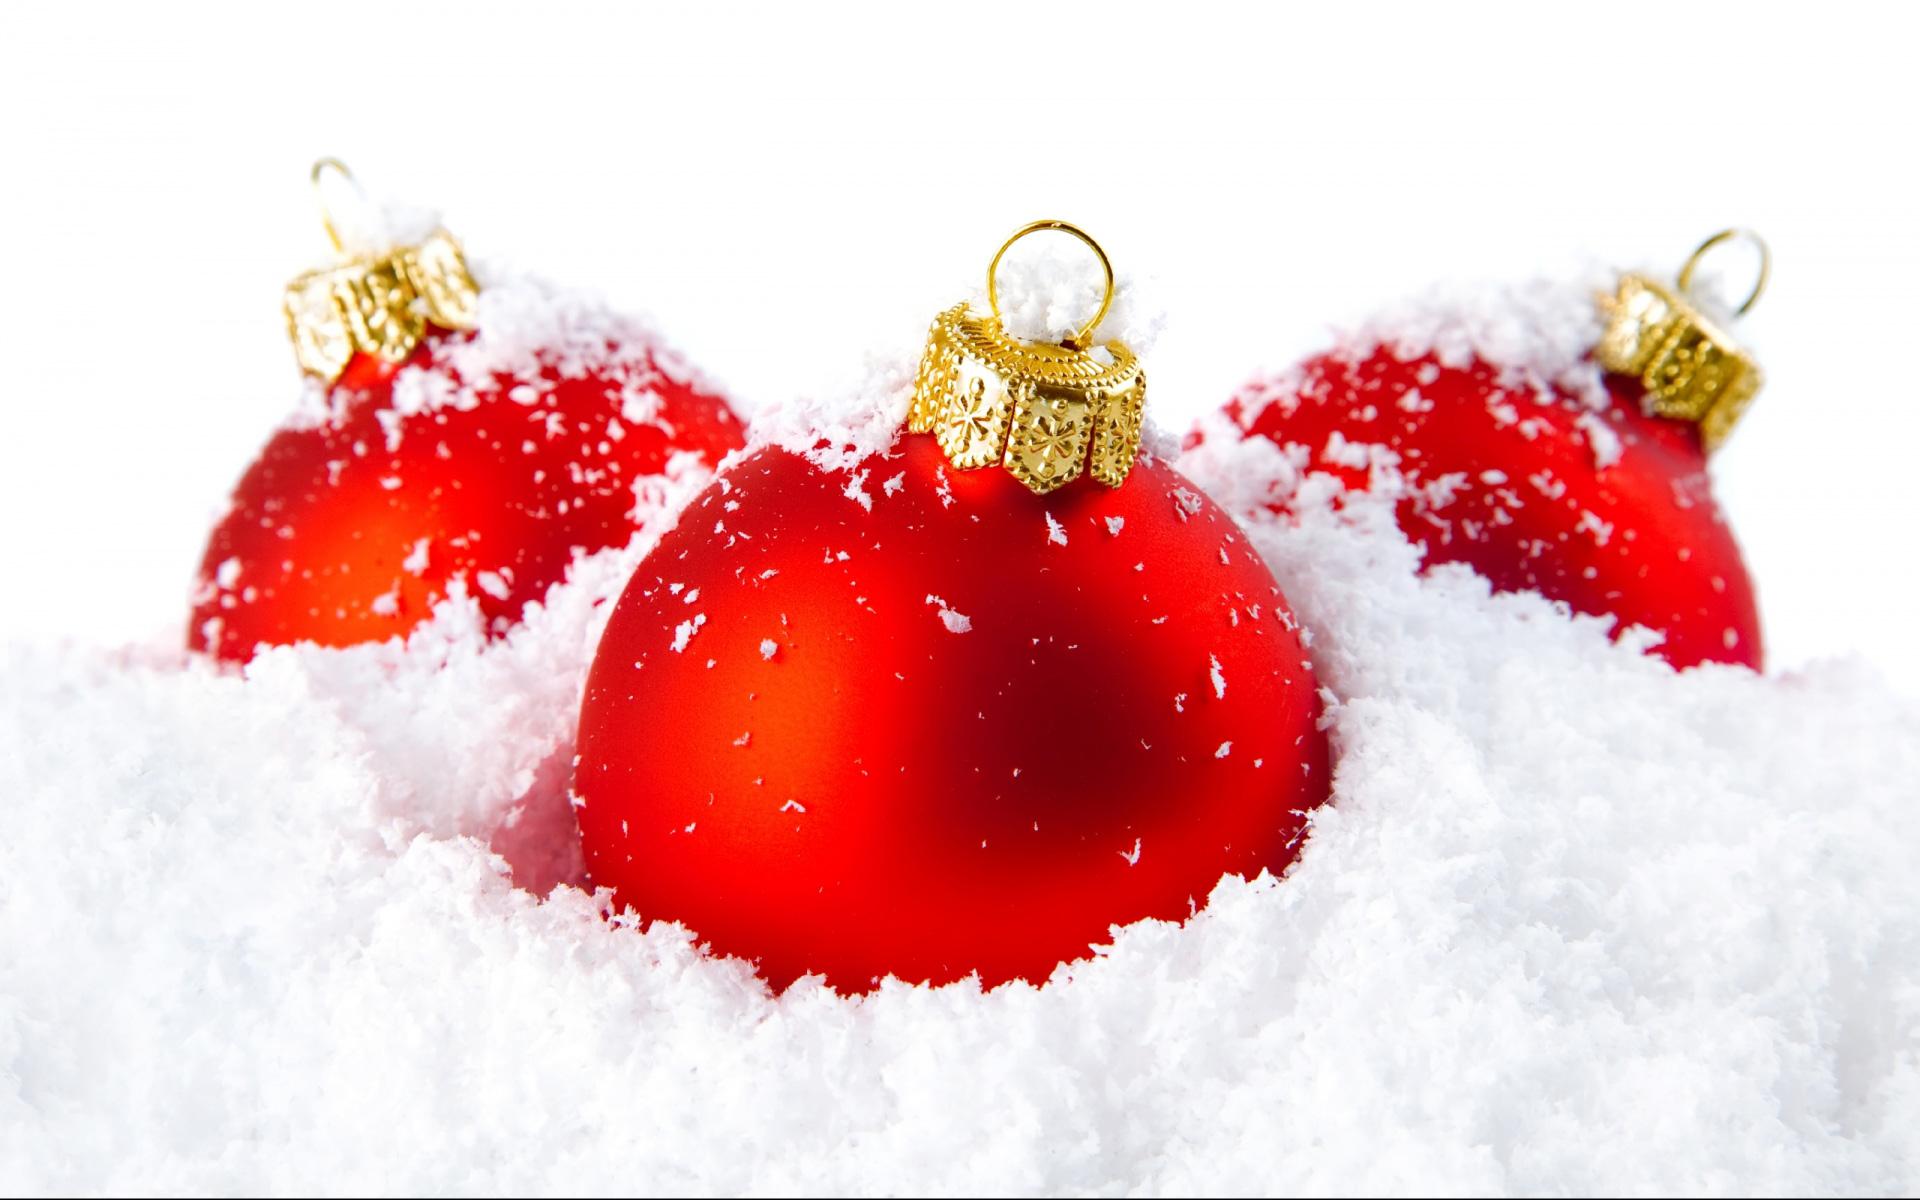 Обои композиция на белом фоне, Красивая рождественская. Новый год foto 12